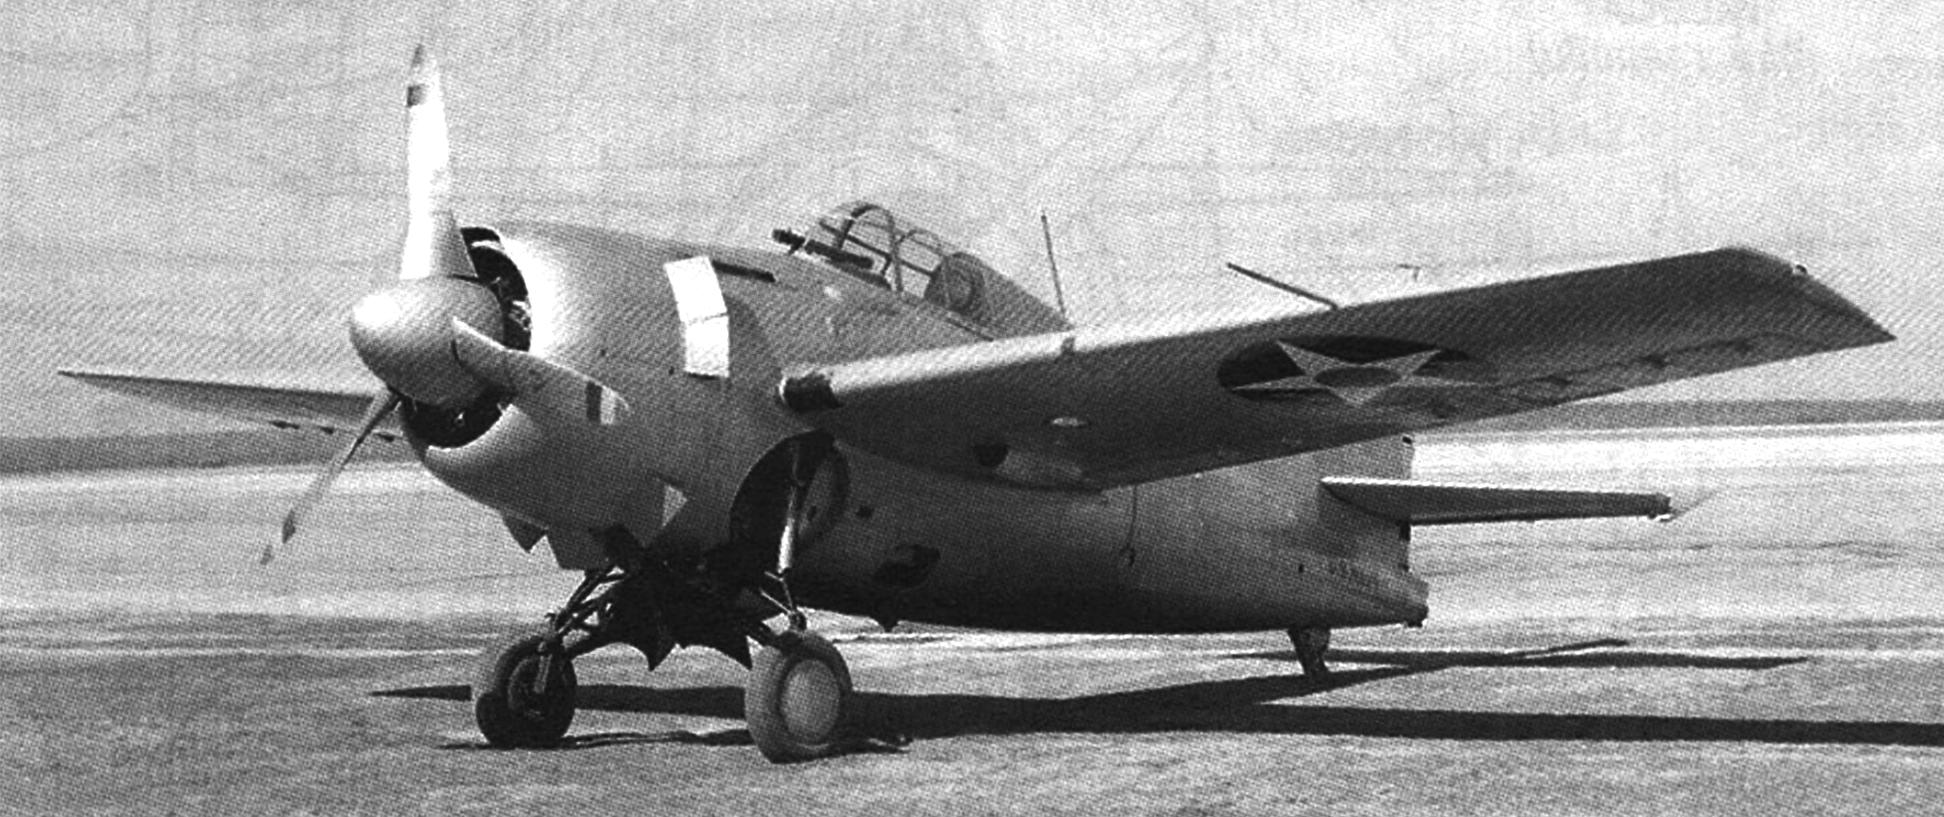 Опытный образец истребителя XF4F-3 на заводском аэродроме